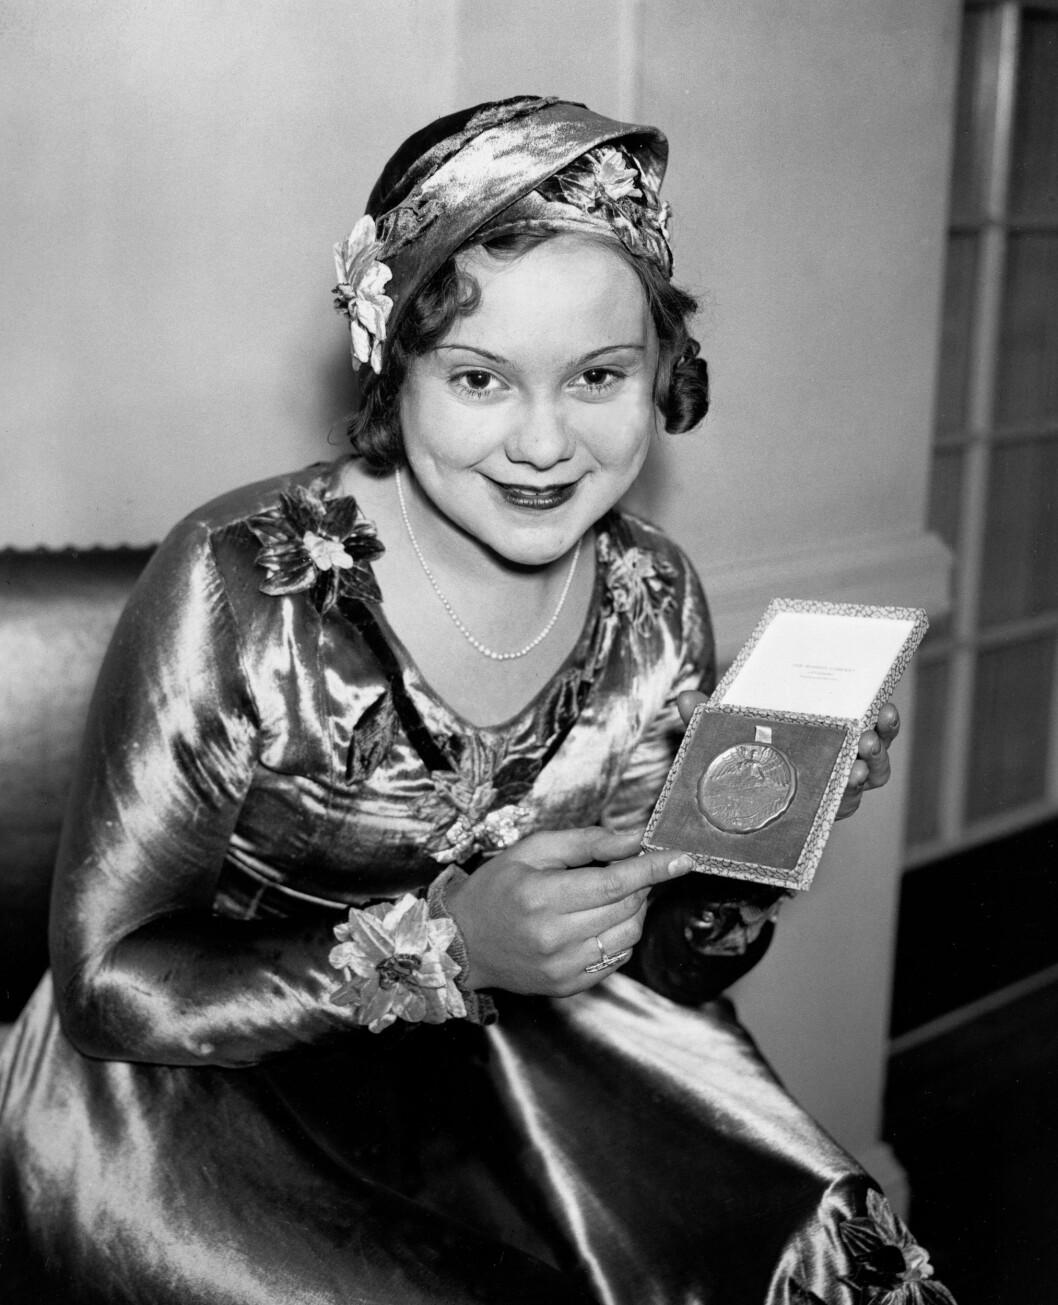 <strong>GULL OG MER GULL:</strong> Ennå ikke fylt 20 kan Sonja stolt vise fram sin andre olympiske gullmedalje i Lake Placid i 1932. Gull tok hun også i OL i St Moritz i 1928 og i Garmisch-Partenkirchen i 1936. Samme år ble hun profesjonell og dro til Hollywood, samtidig som hun turnerte med store, påkostede isshow i USA og Europa i perioden 1937-56. Hun ble den til da yngste nordmann som ble utnevnt til Ridder 1. klasse av St. Olavs Orden i 1937. Foto: NTB scanpix